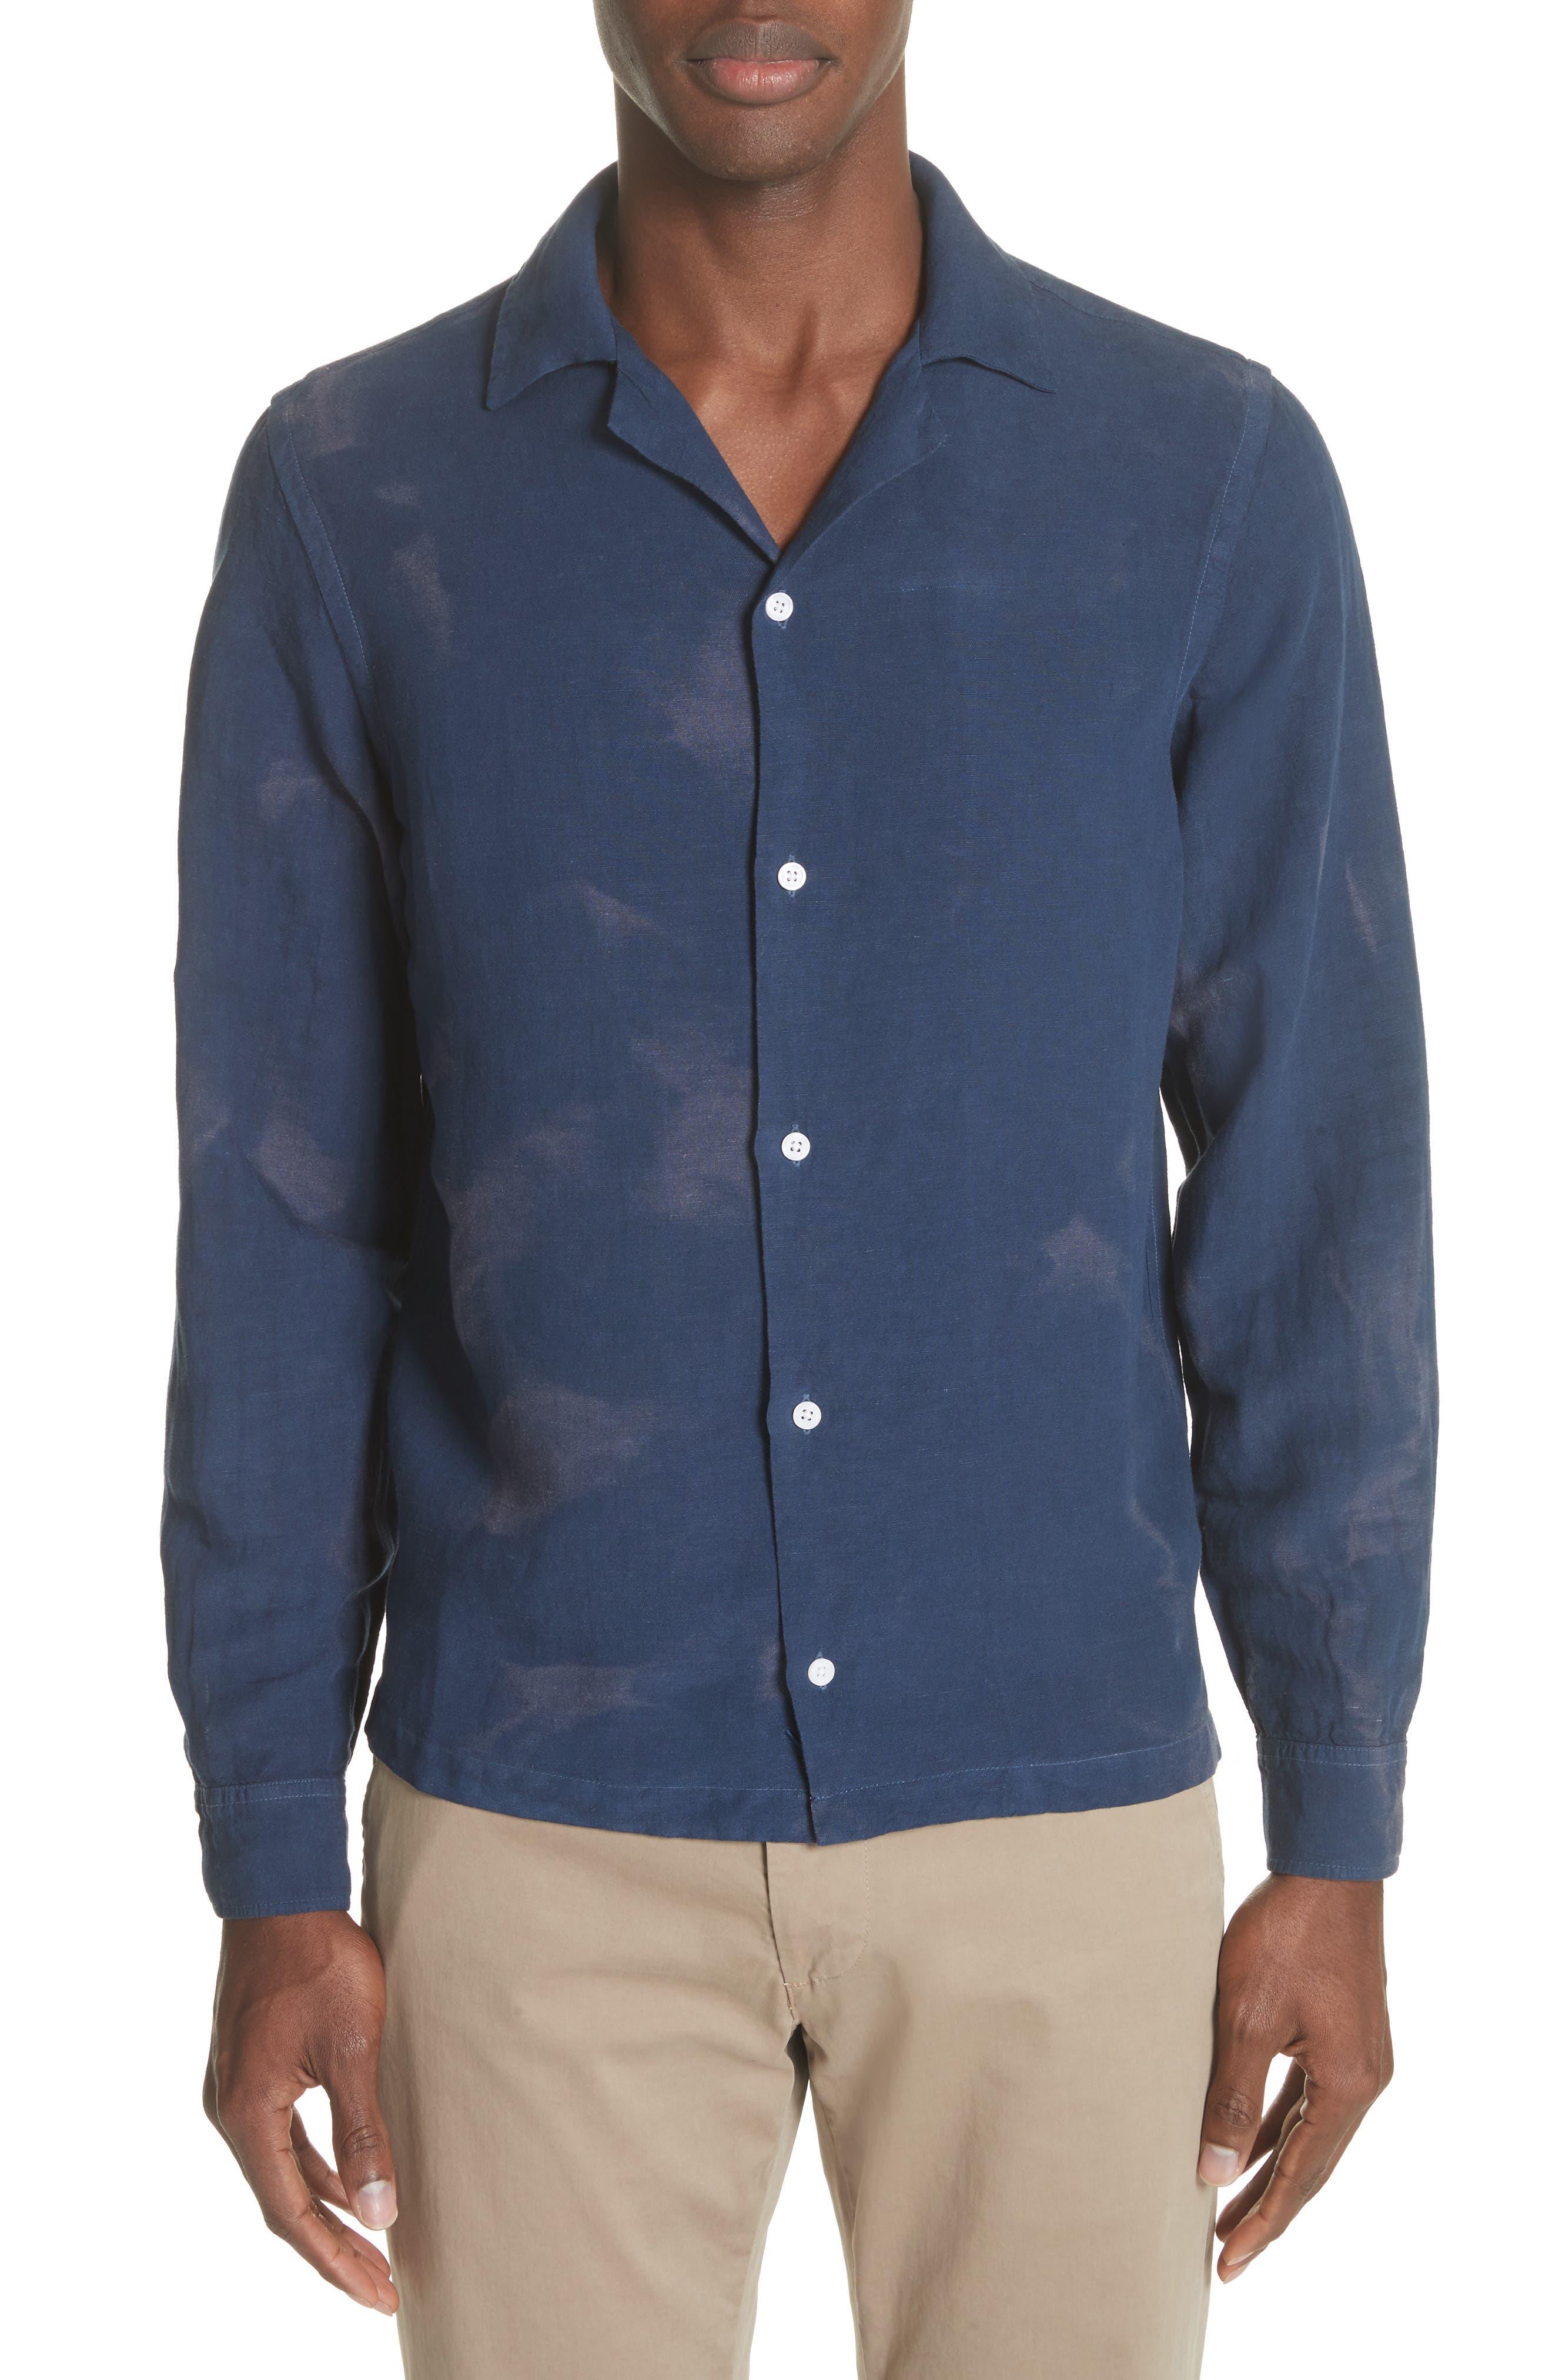 Canty Long Sleeve Camp Shirt,                             Main thumbnail 1, color,                             406